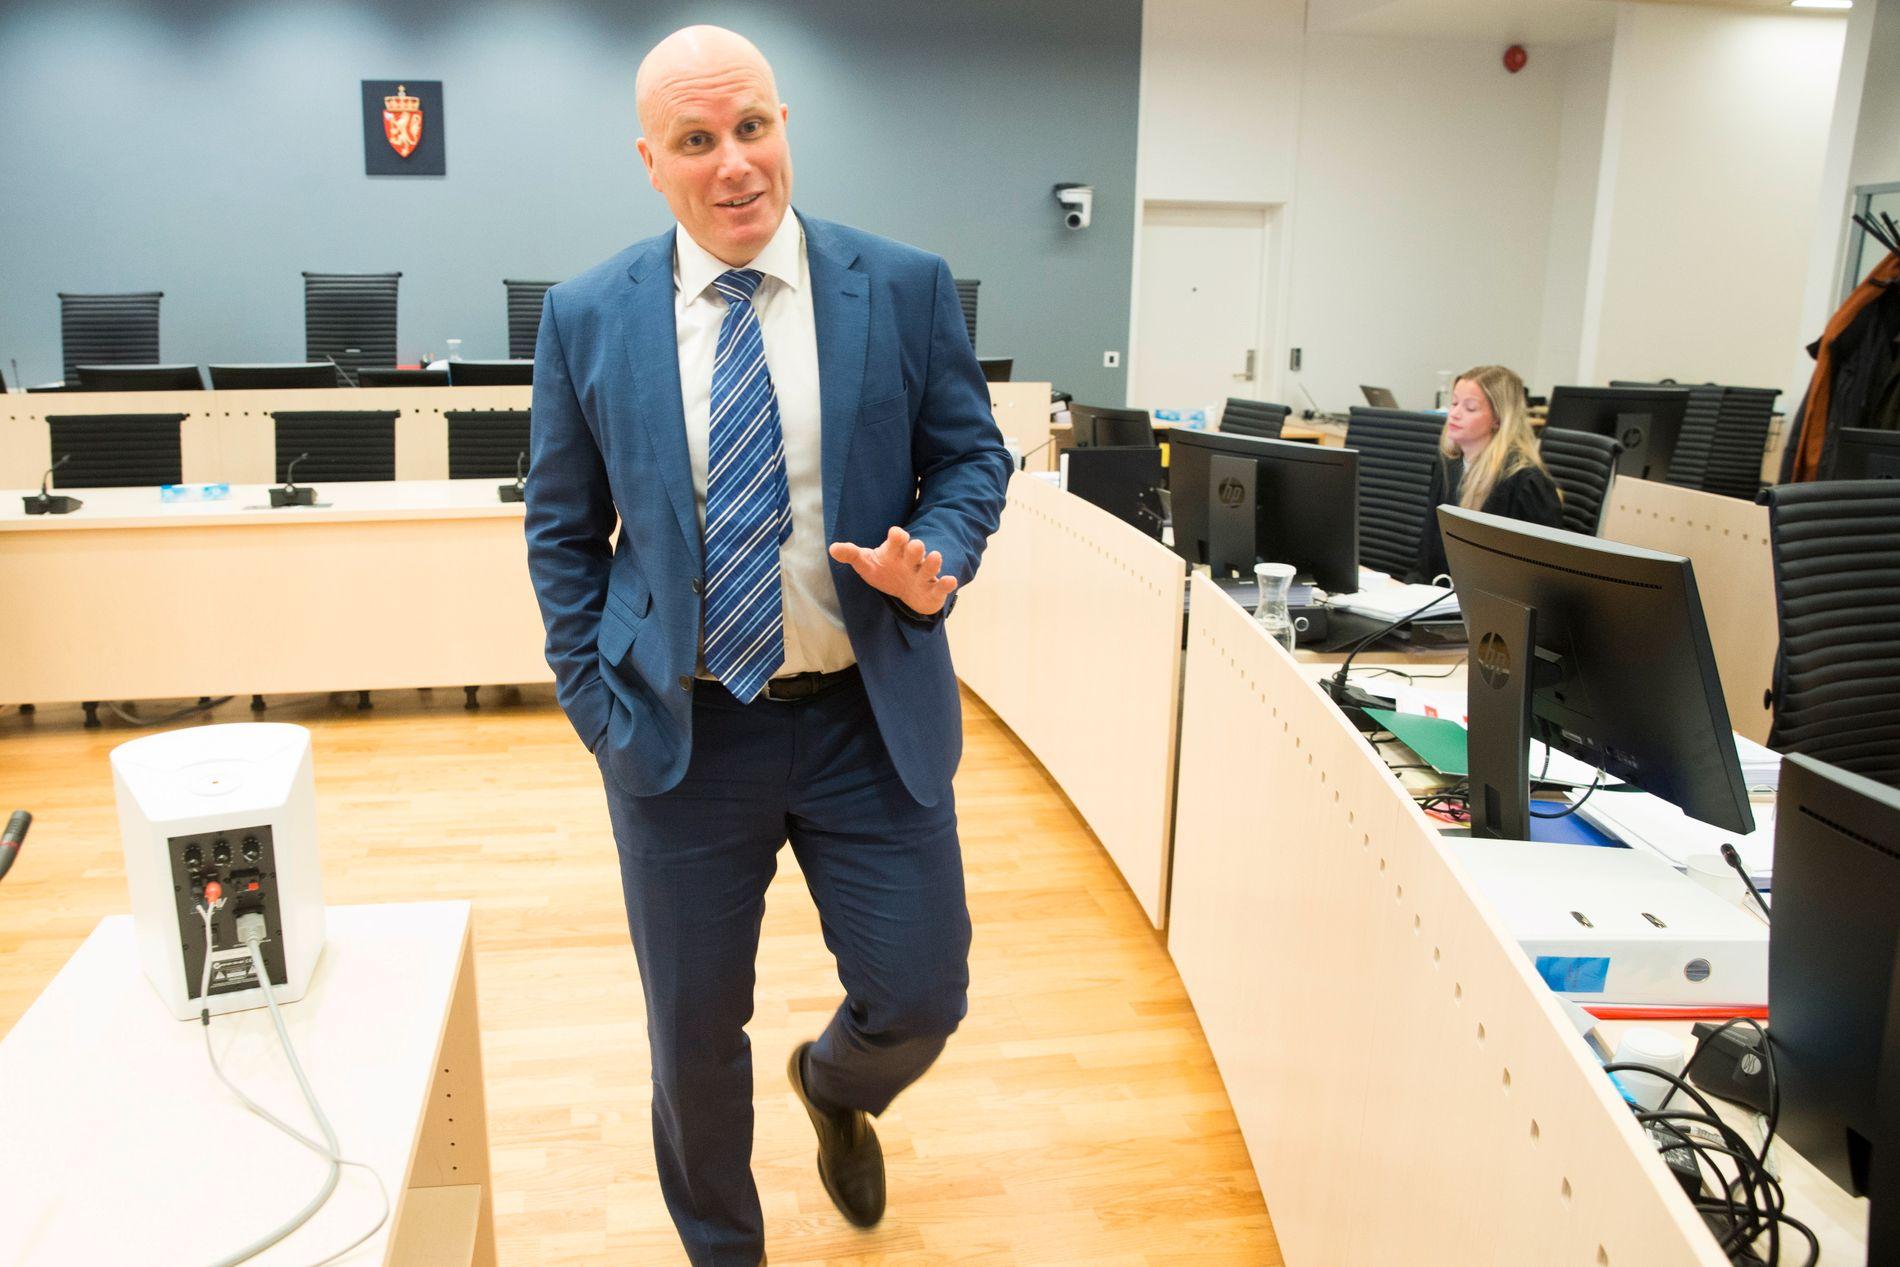 AKTOR: Statsadvokat Lars Erik Alfheim er ansvarlig for hasj-tiltalen mot Gjermund Cappelen, men fikk også muligheten til å stille Eirik Jensens noen spørsmål mandag.